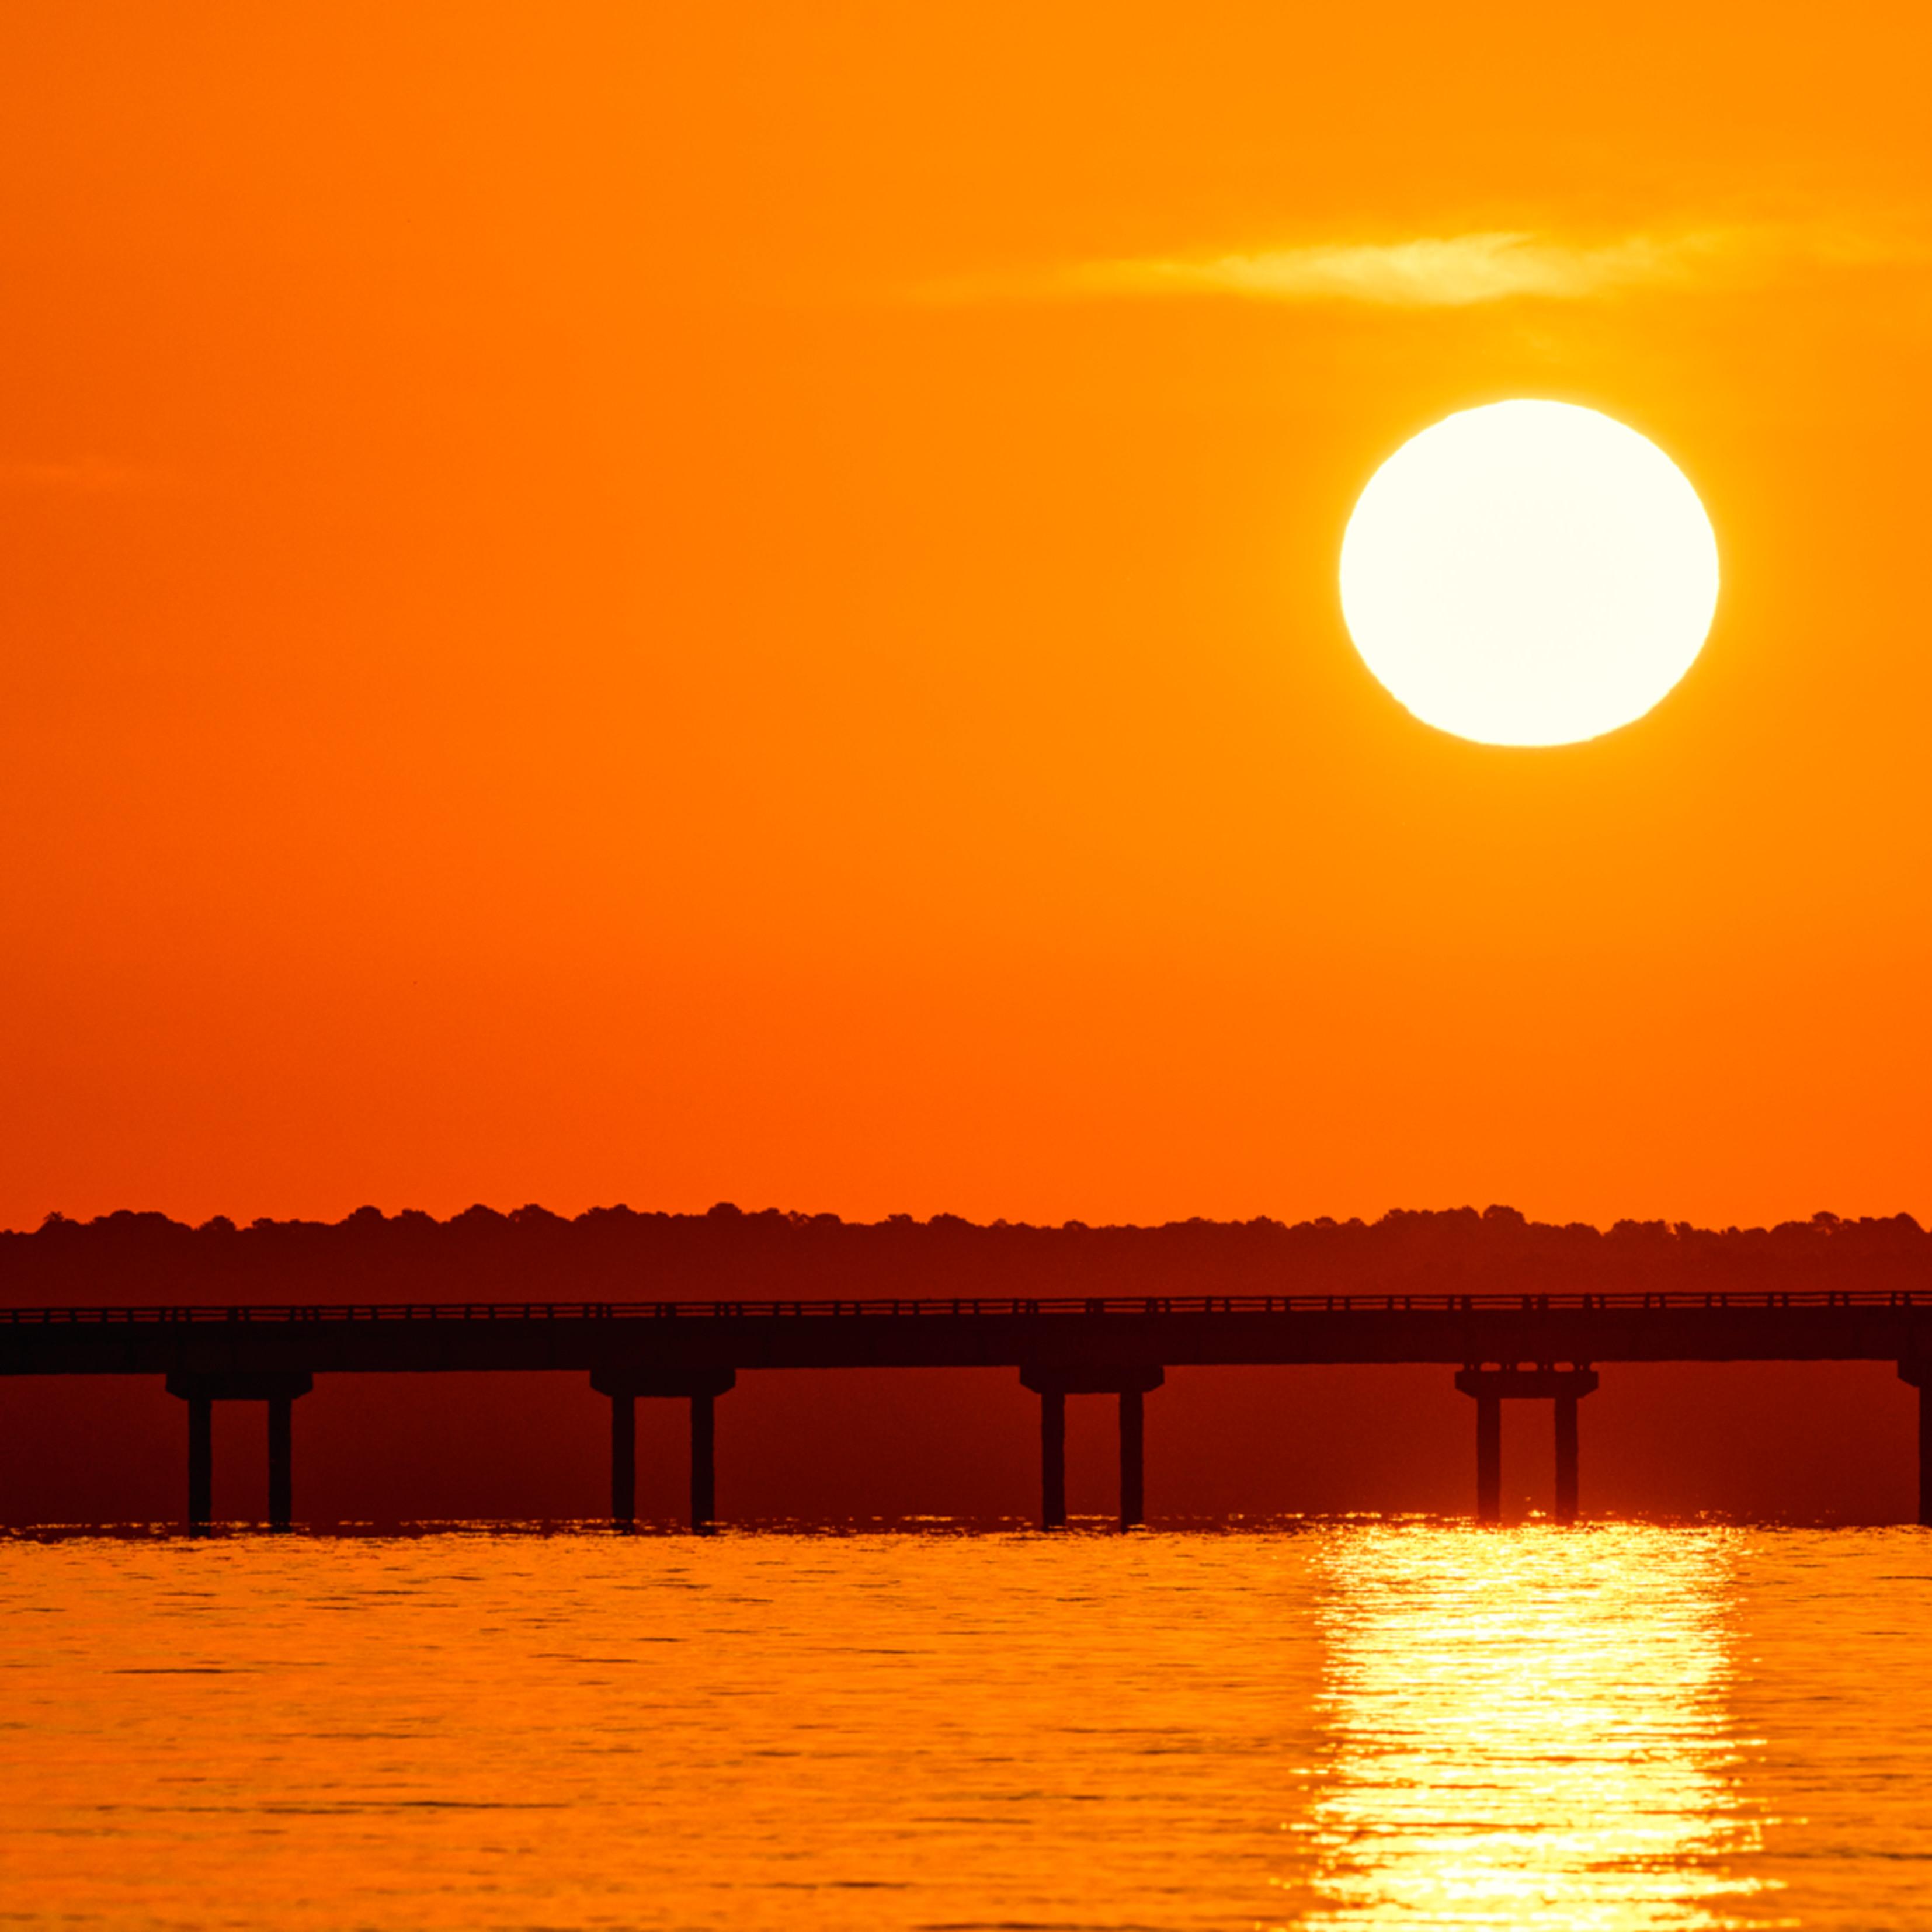 Andy crawford photography sam rayburn sunrise oboa11